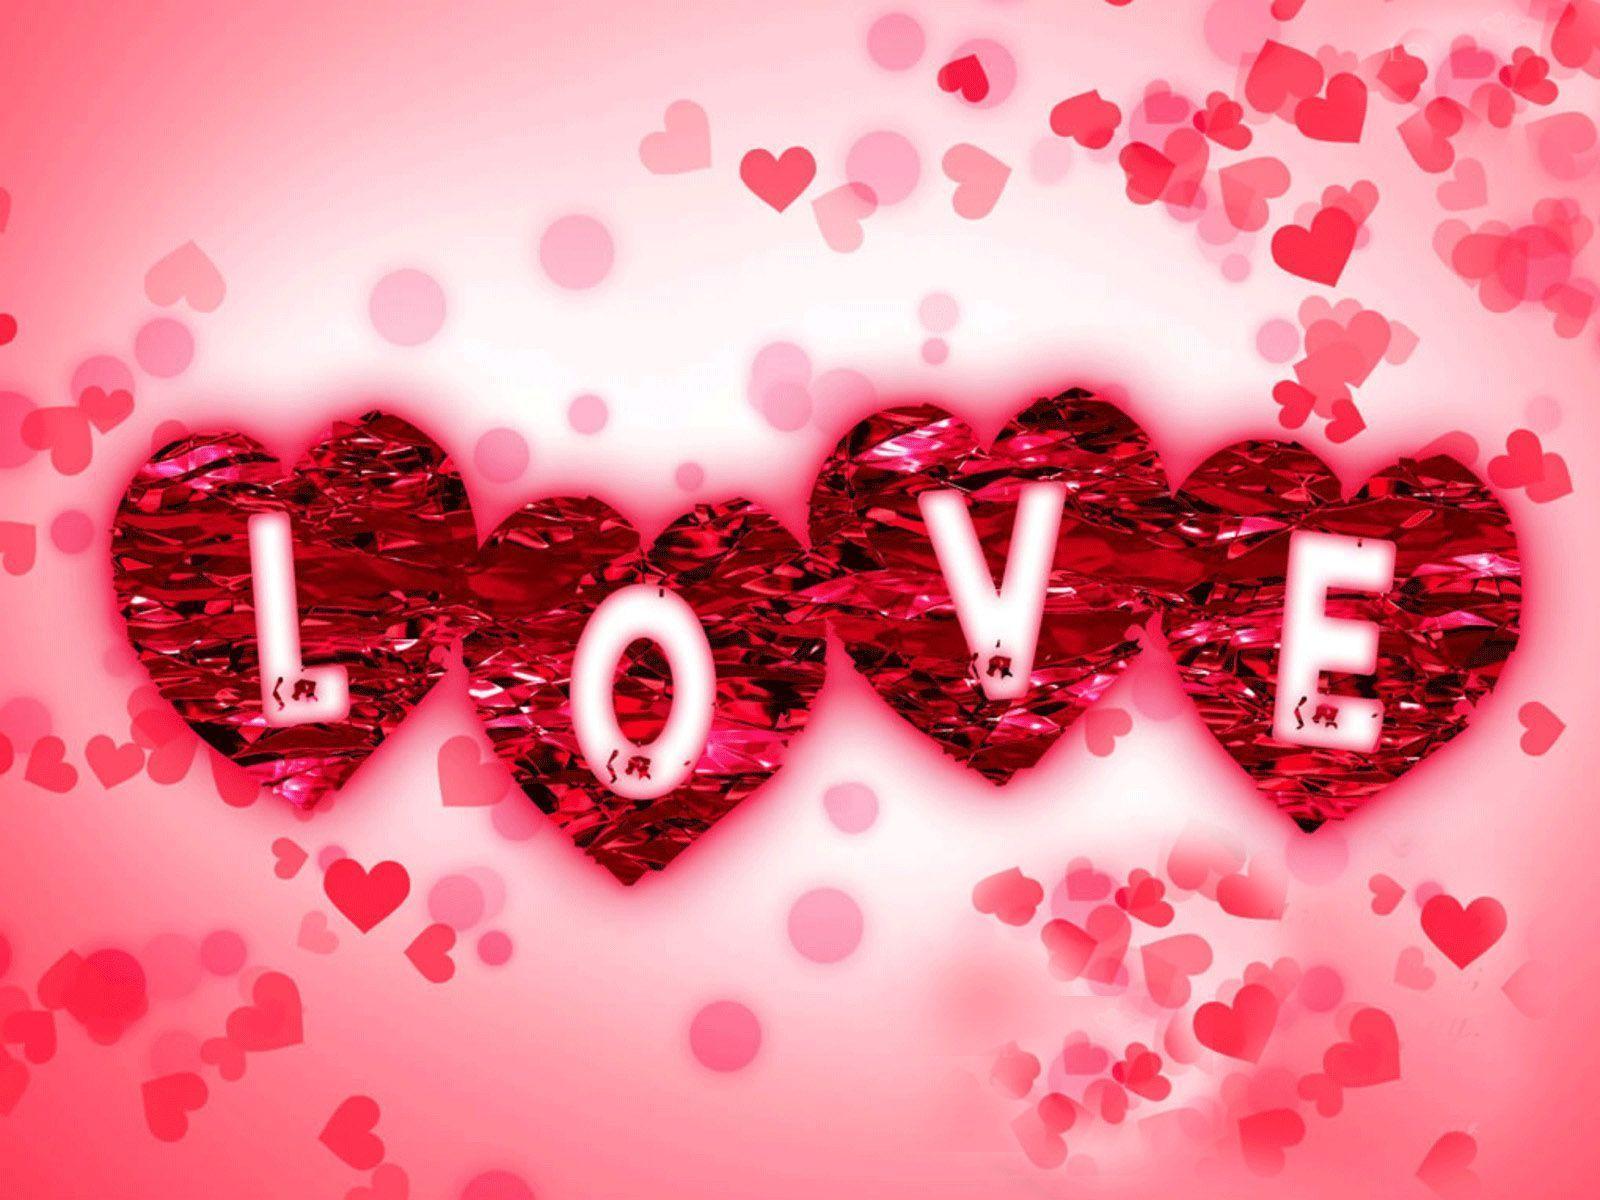 Full Hd Love Wallpaper Download Beautiful Love Picture Download 11841 Hd Wallpaper Backgrounds Download